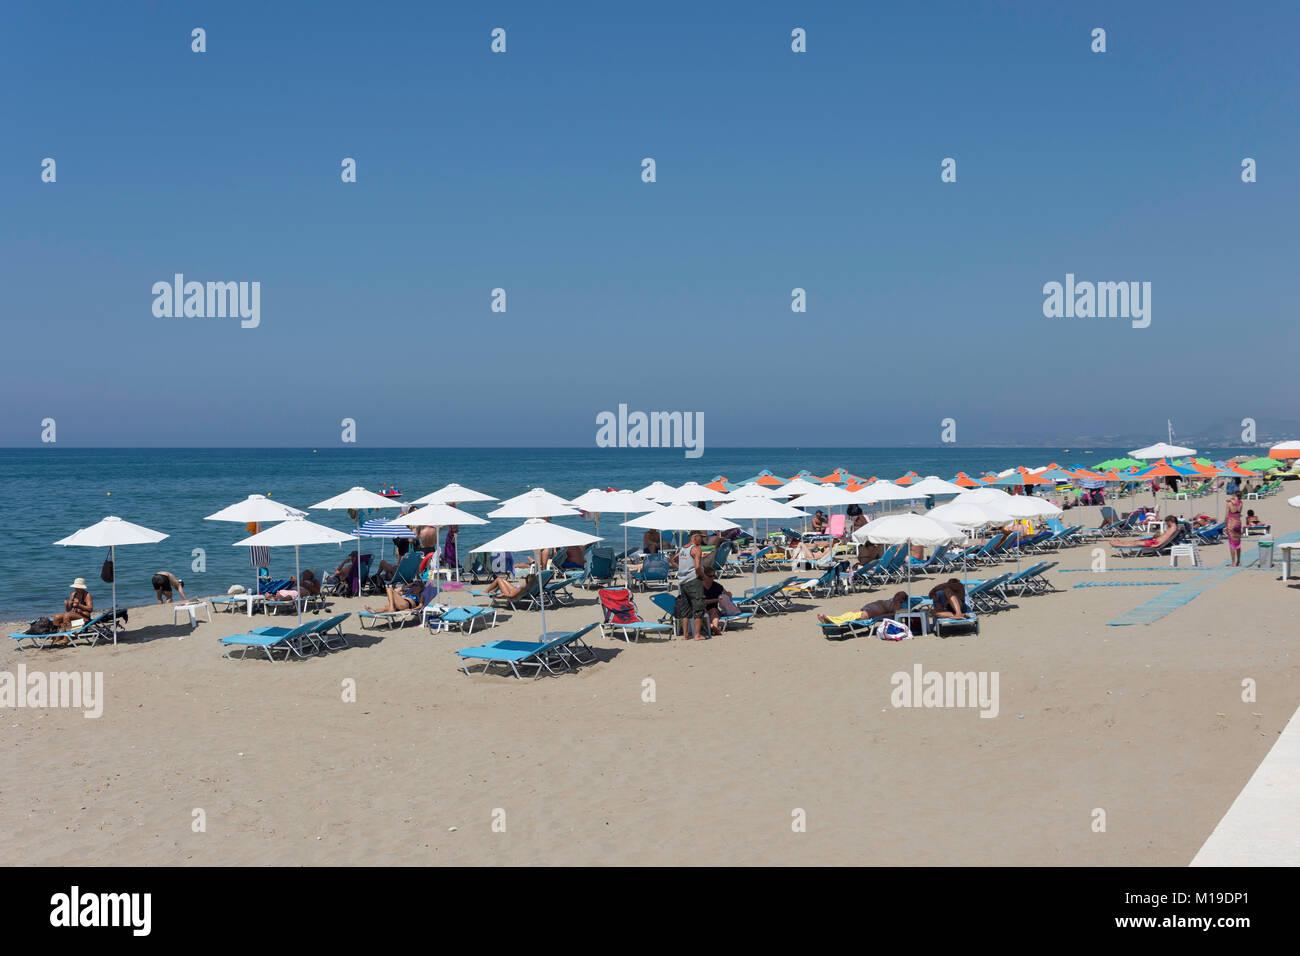 Beach and promenade, Ari Velouchioti, Rethymnon (Rethimno), Rethimno Region, Crete (Kriti), Greece Stock Photo